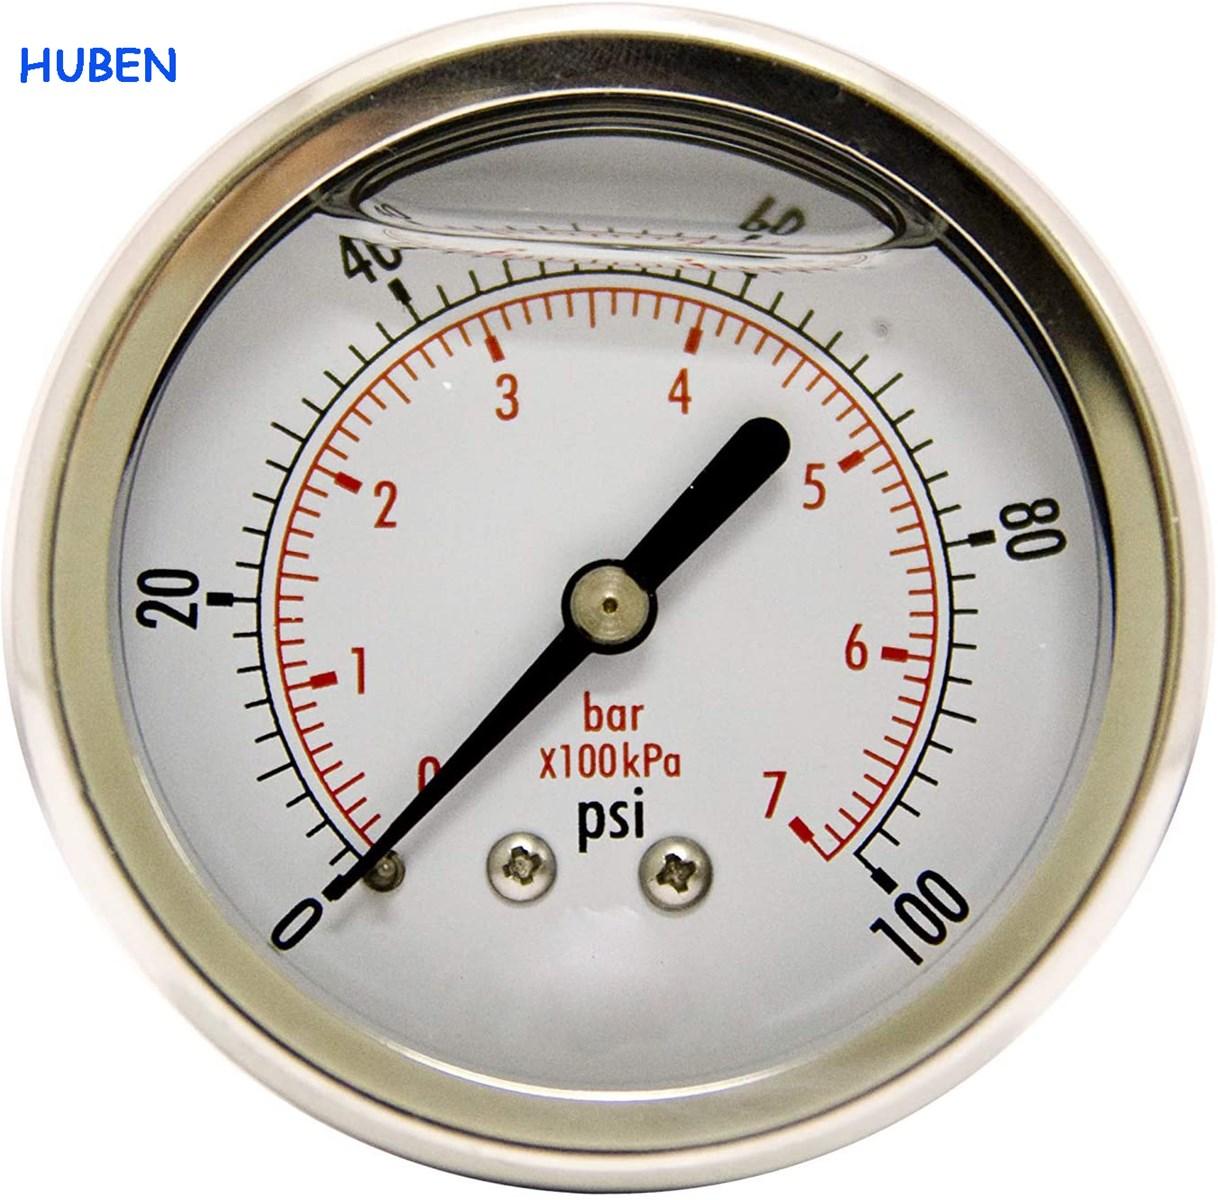 212 Liquid Filled Pressure Gauges